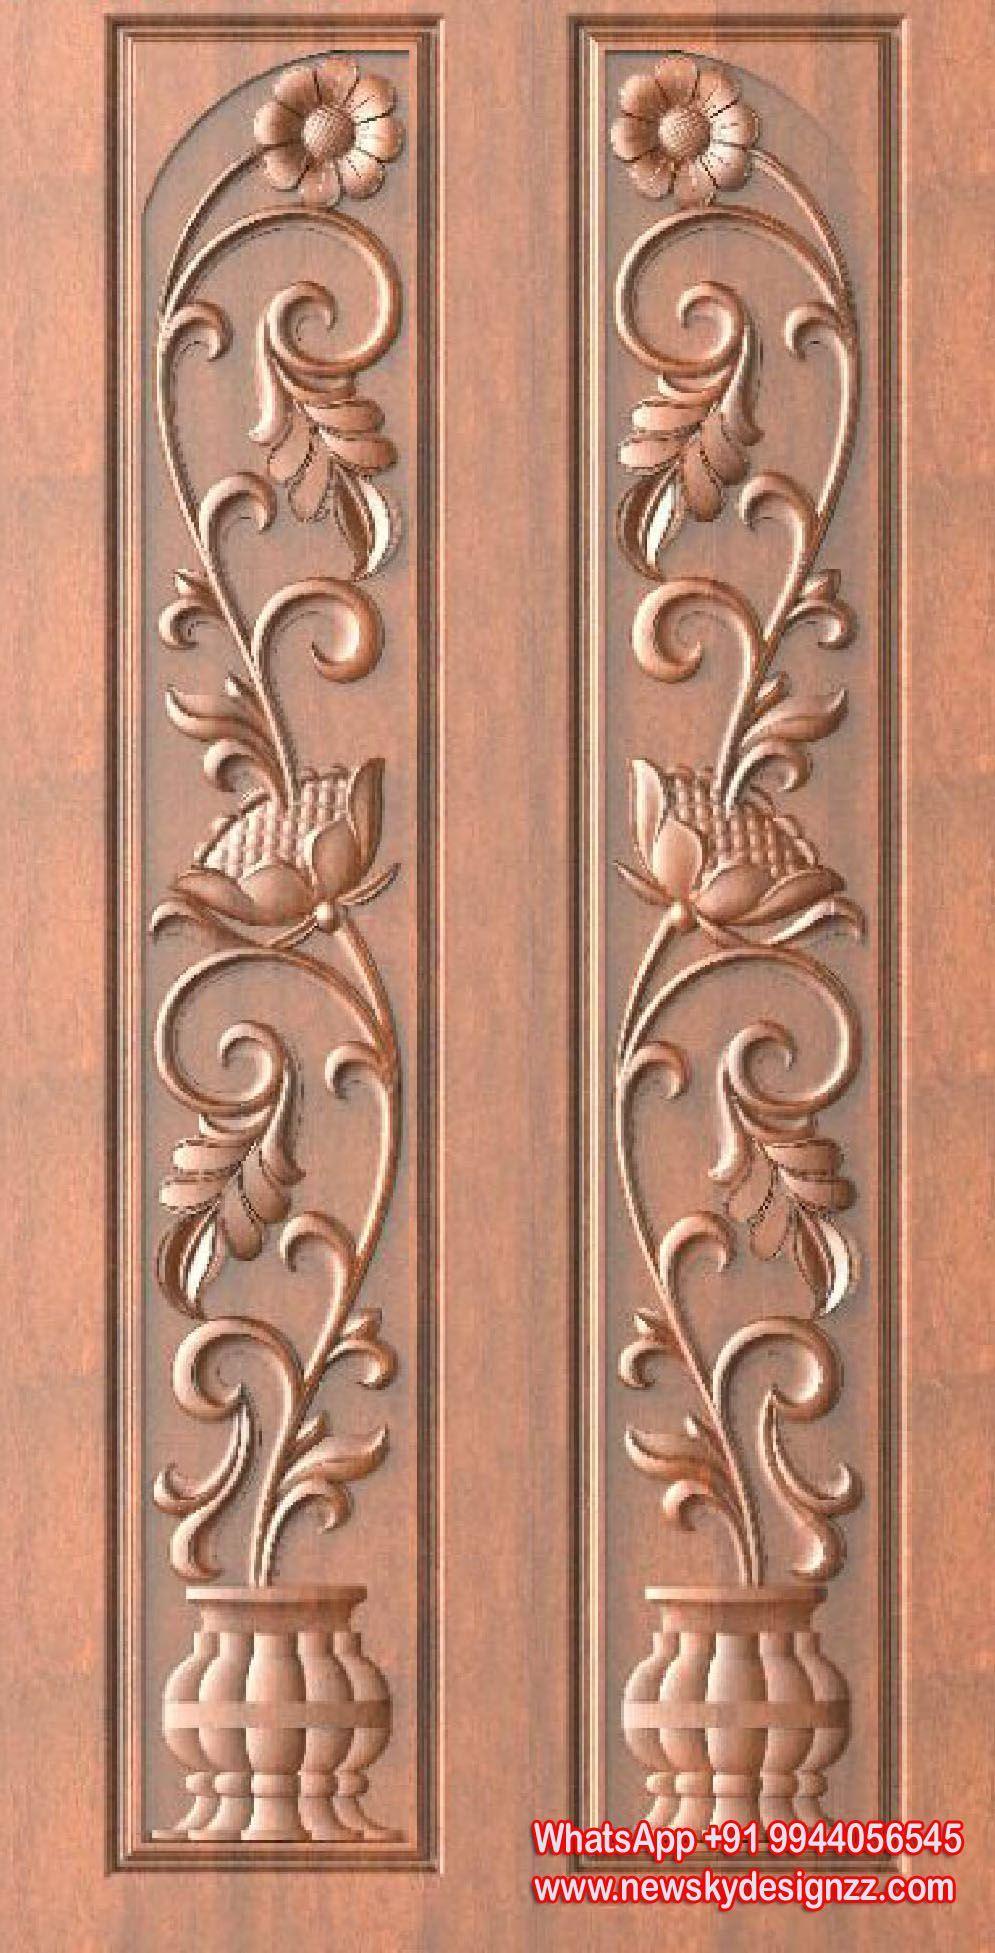 Exterior French Doors Best Place To Buy Interior Doors Indoor Bedroom Doors Door Design Wood Wooden Door Design Double Door Design